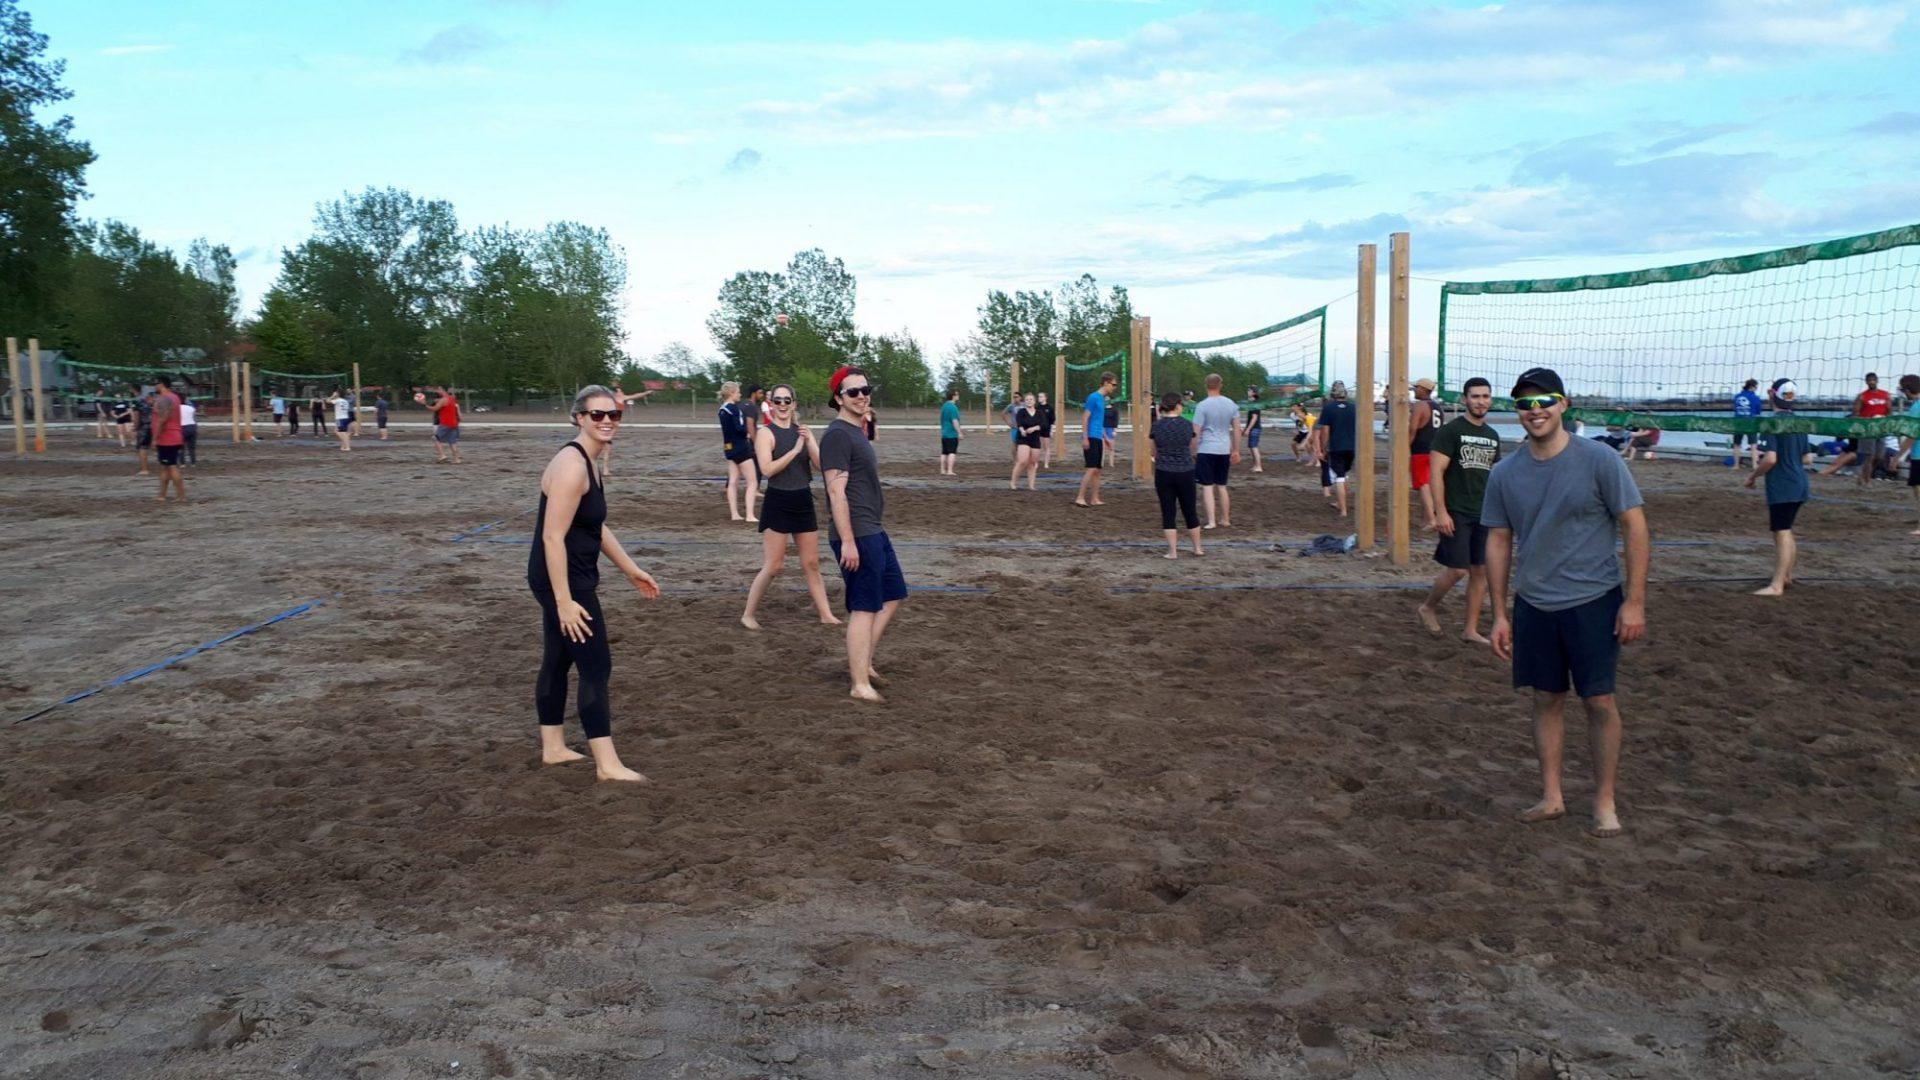 THURSDAY NIGHT - Leamington Adult Beach Volleyball League